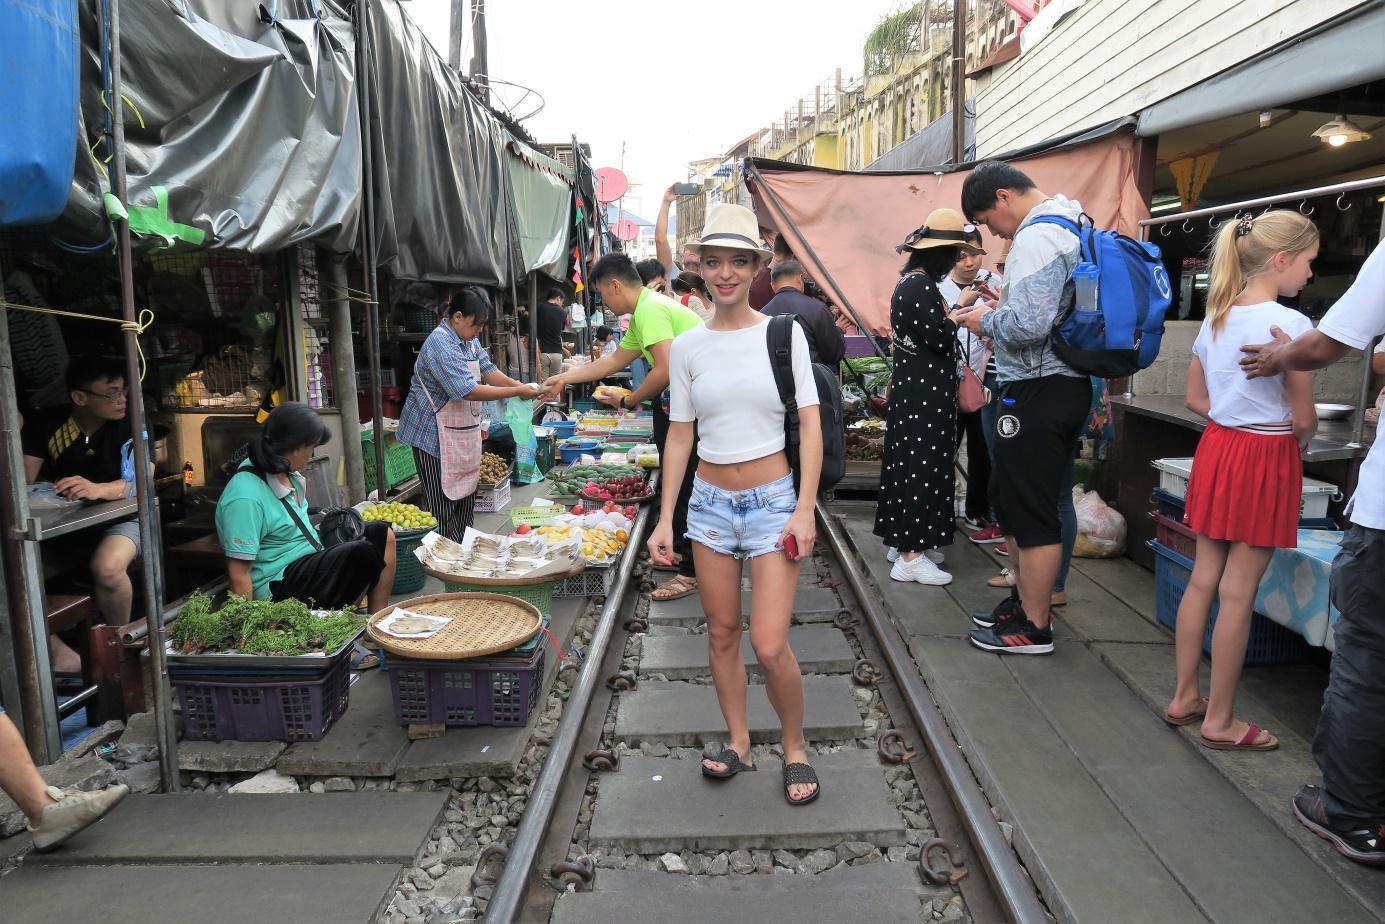 C:\Users\Administrator\Documents\Documents\Putovanja\PUTOPISI\TAJLAND\Tajland 5\Slike\6.jpg